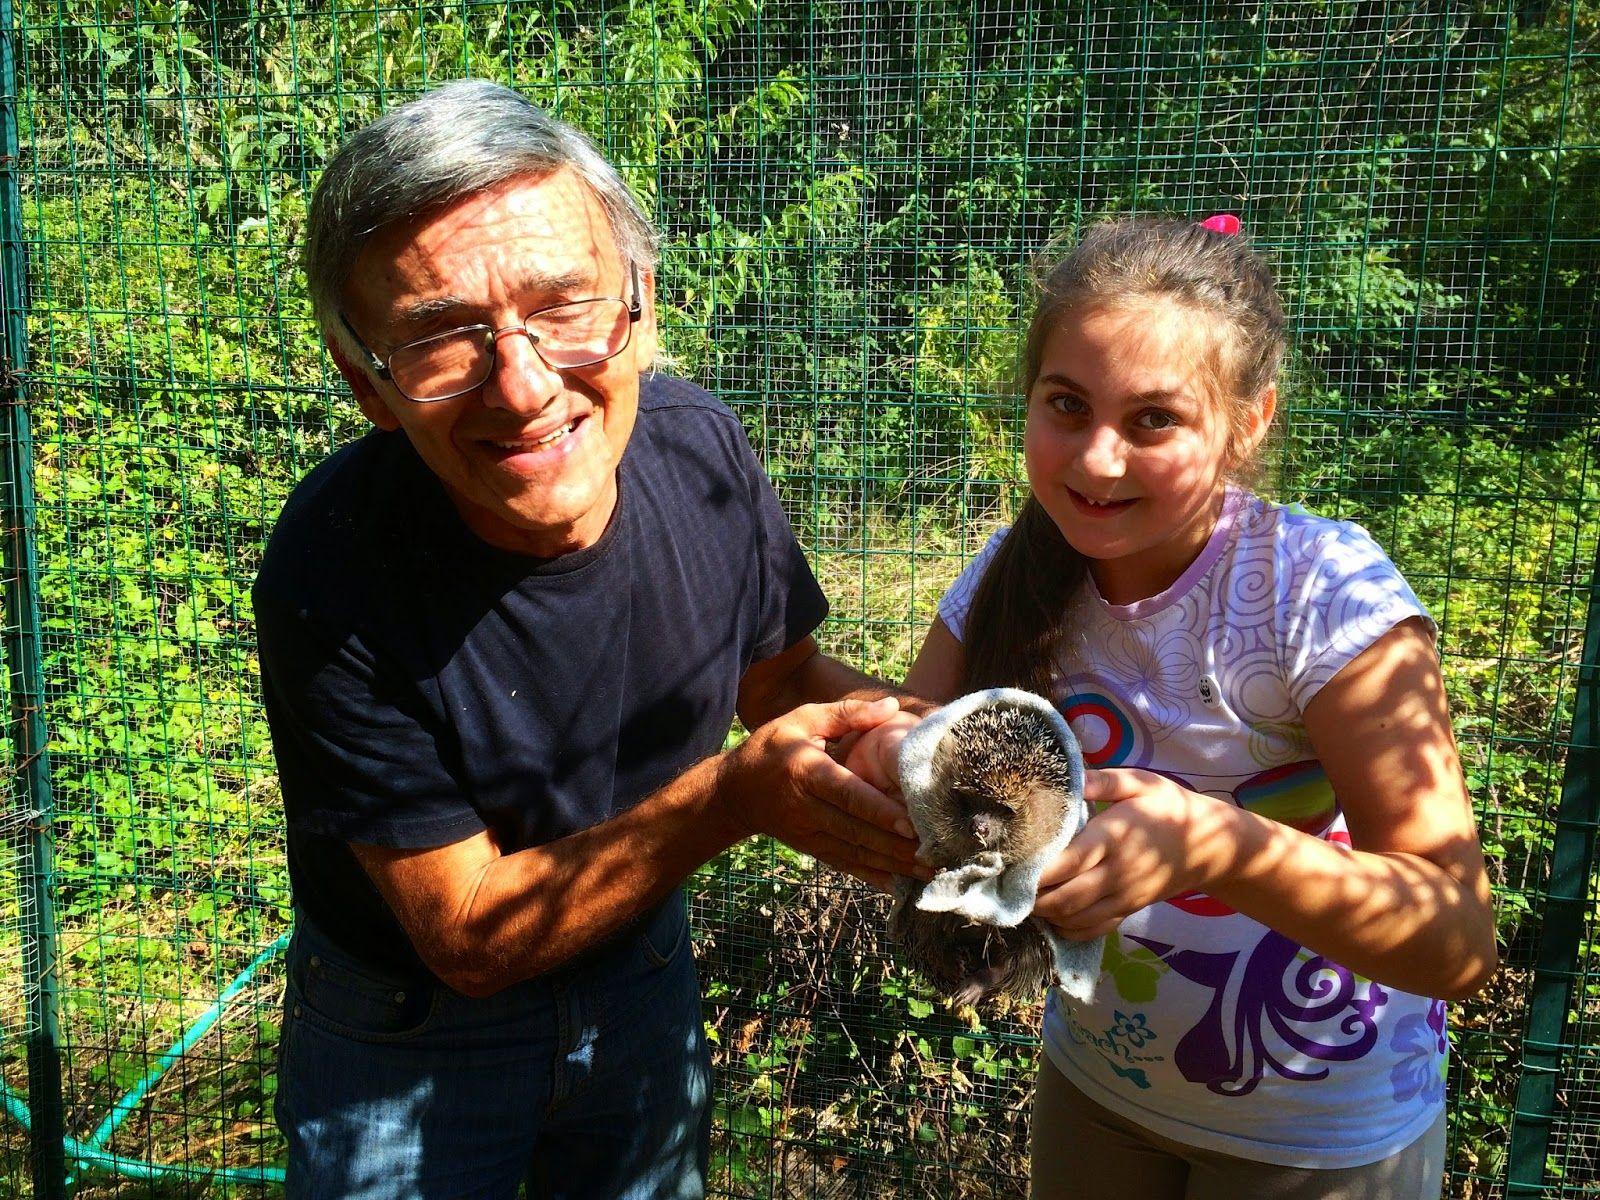 Cucciolo di riccio salvato con il latte di capra della signora Katia. E con il Wwf ritorno alla natura - FOTOGRAFIE